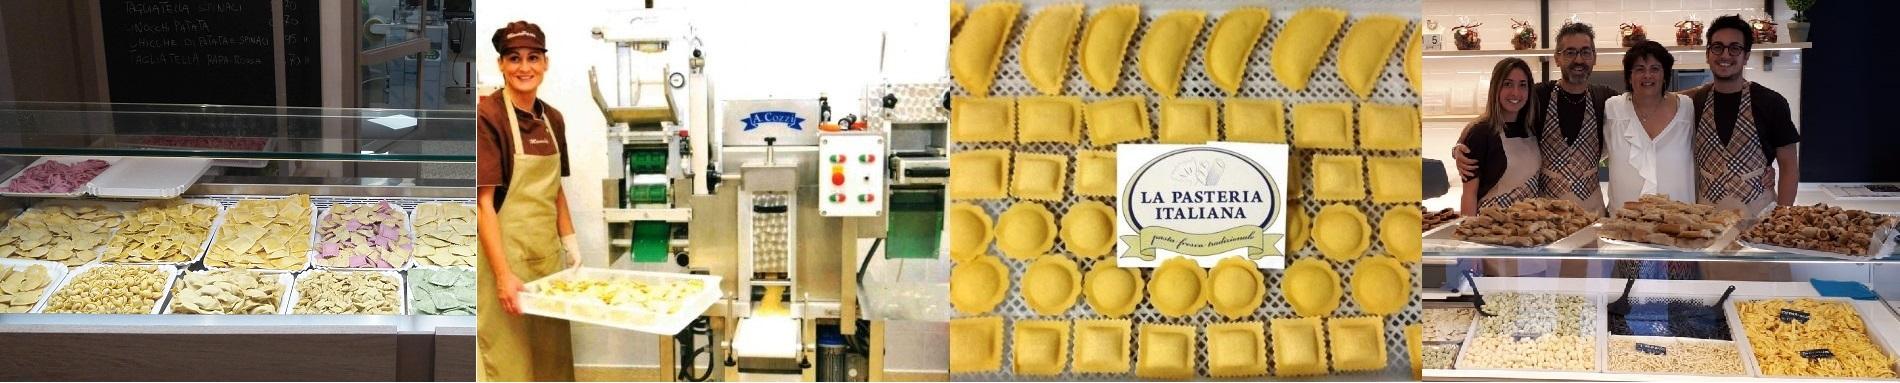 Negozi di pasta fresca completi